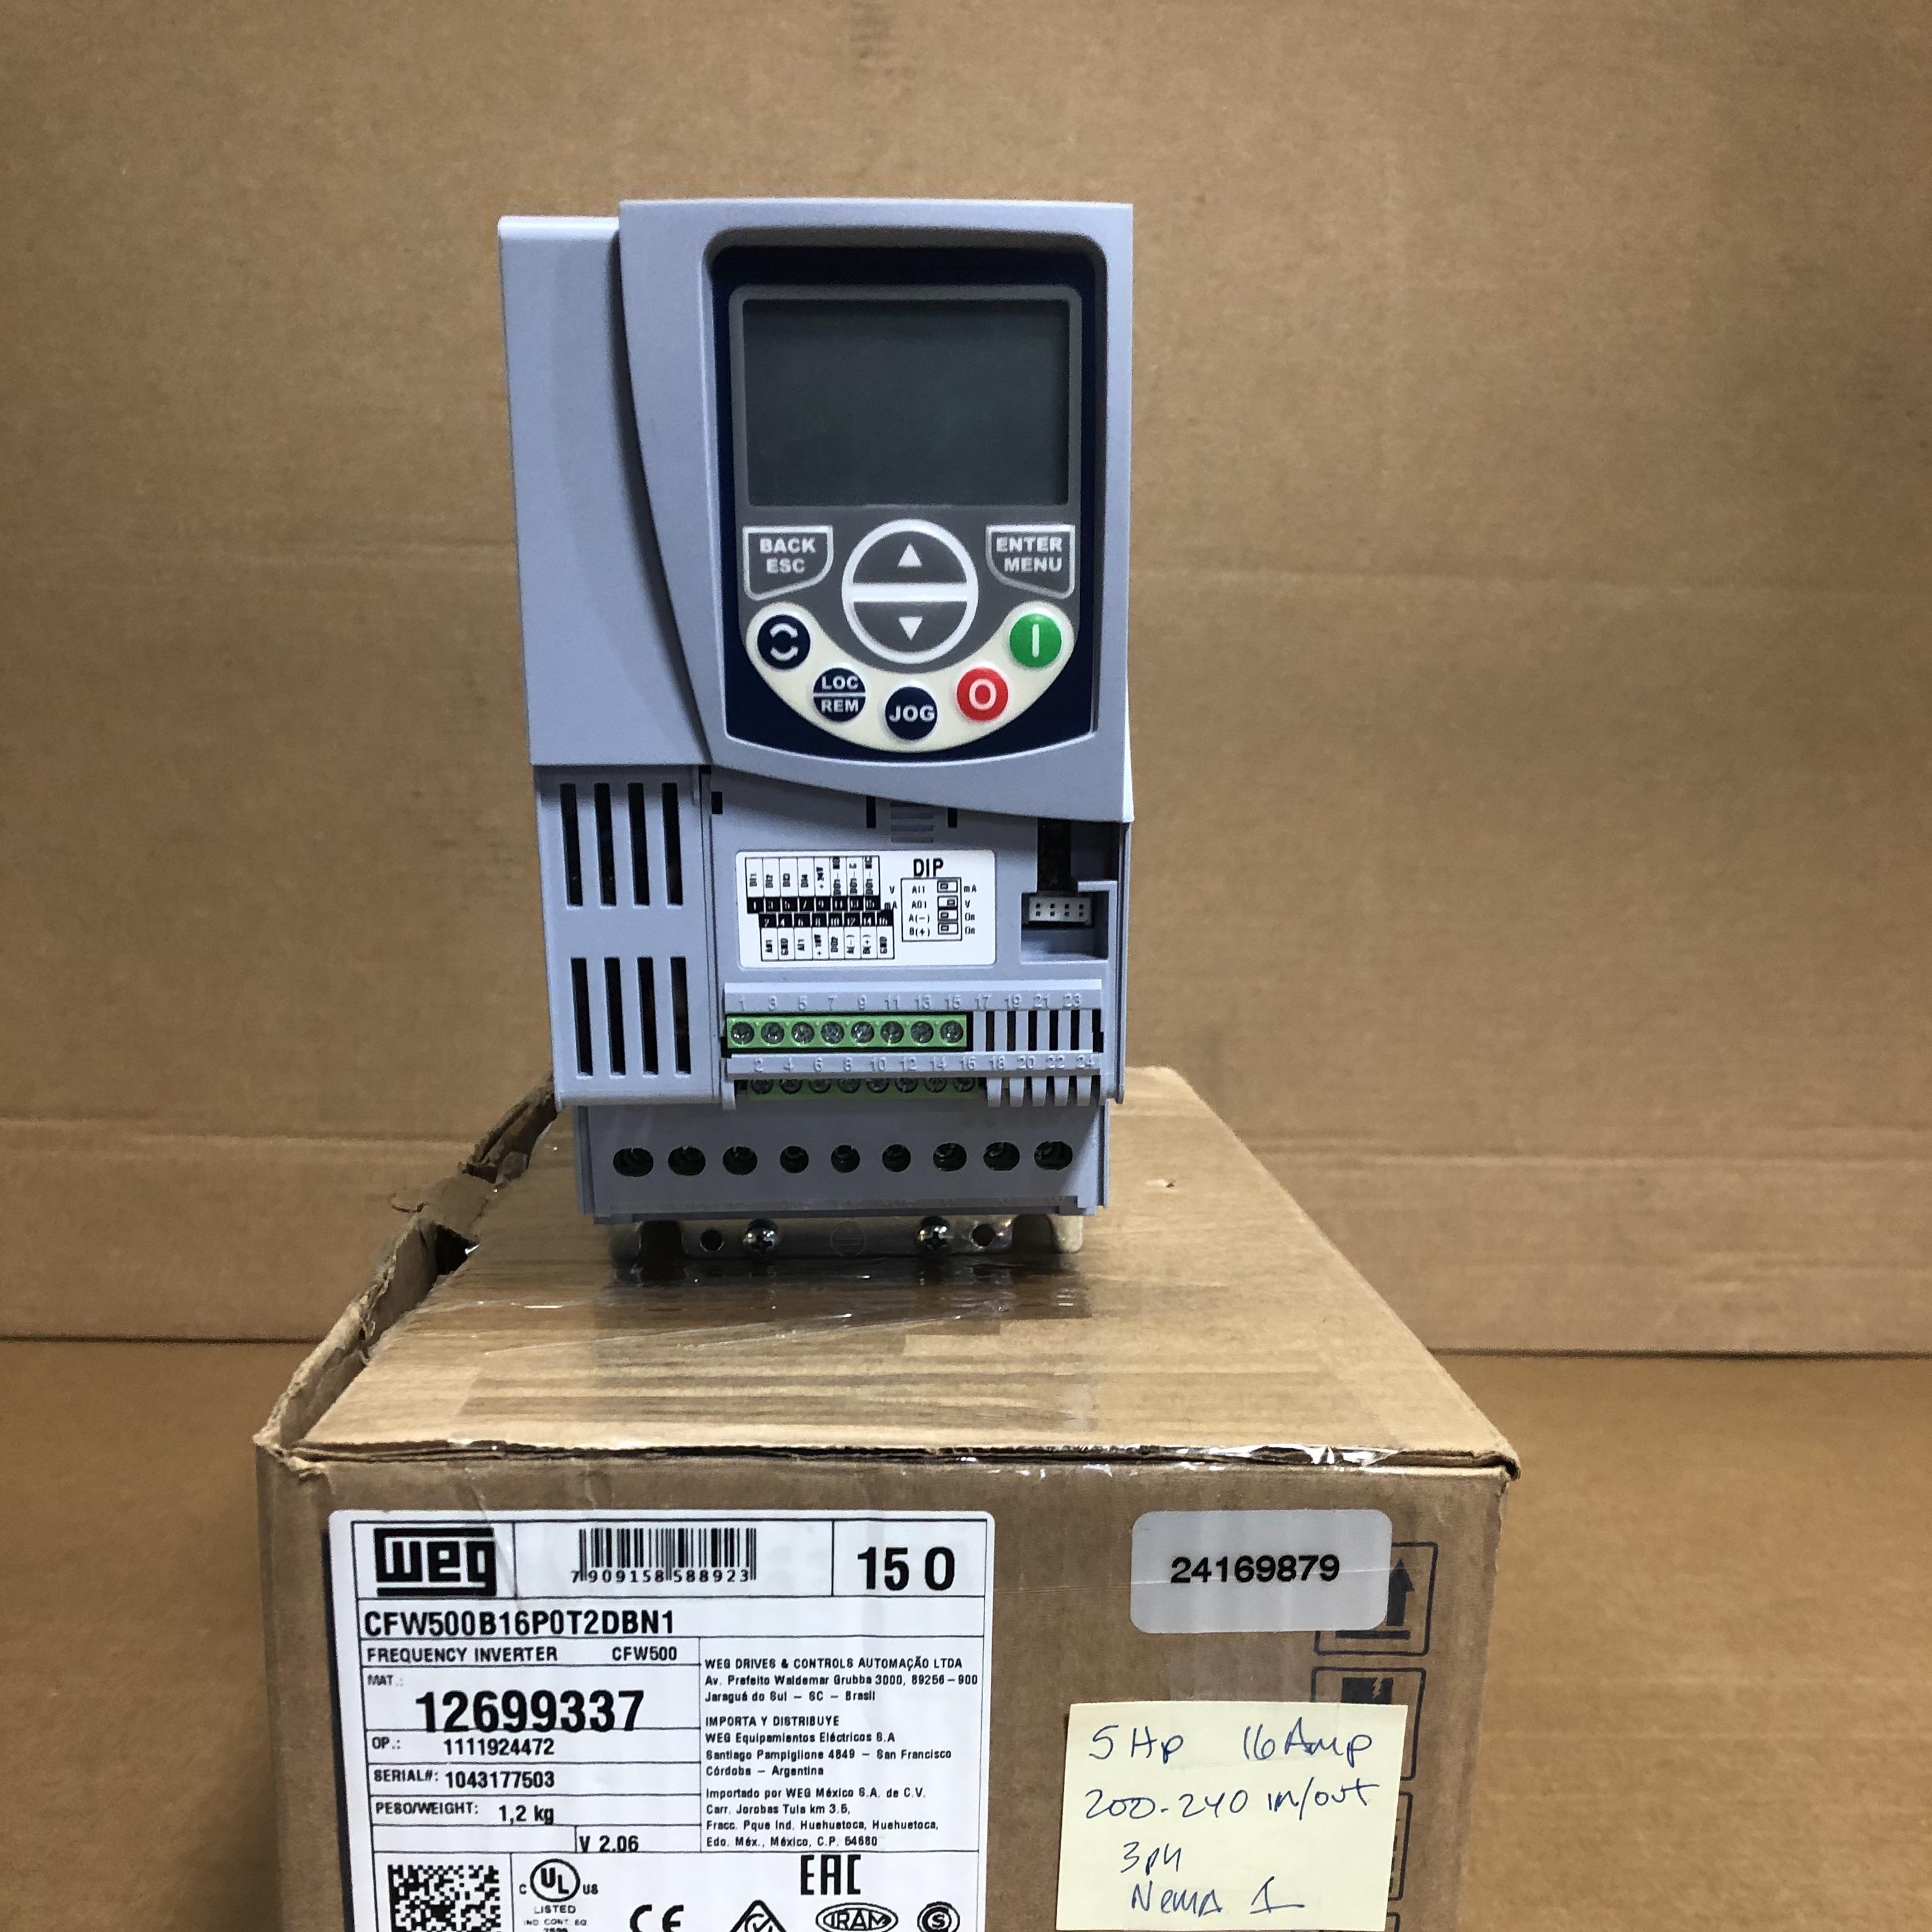 WEG CFW500 Series VFD: 5hp, 200-240v, 3phase, 16A, NEMA-1X front view